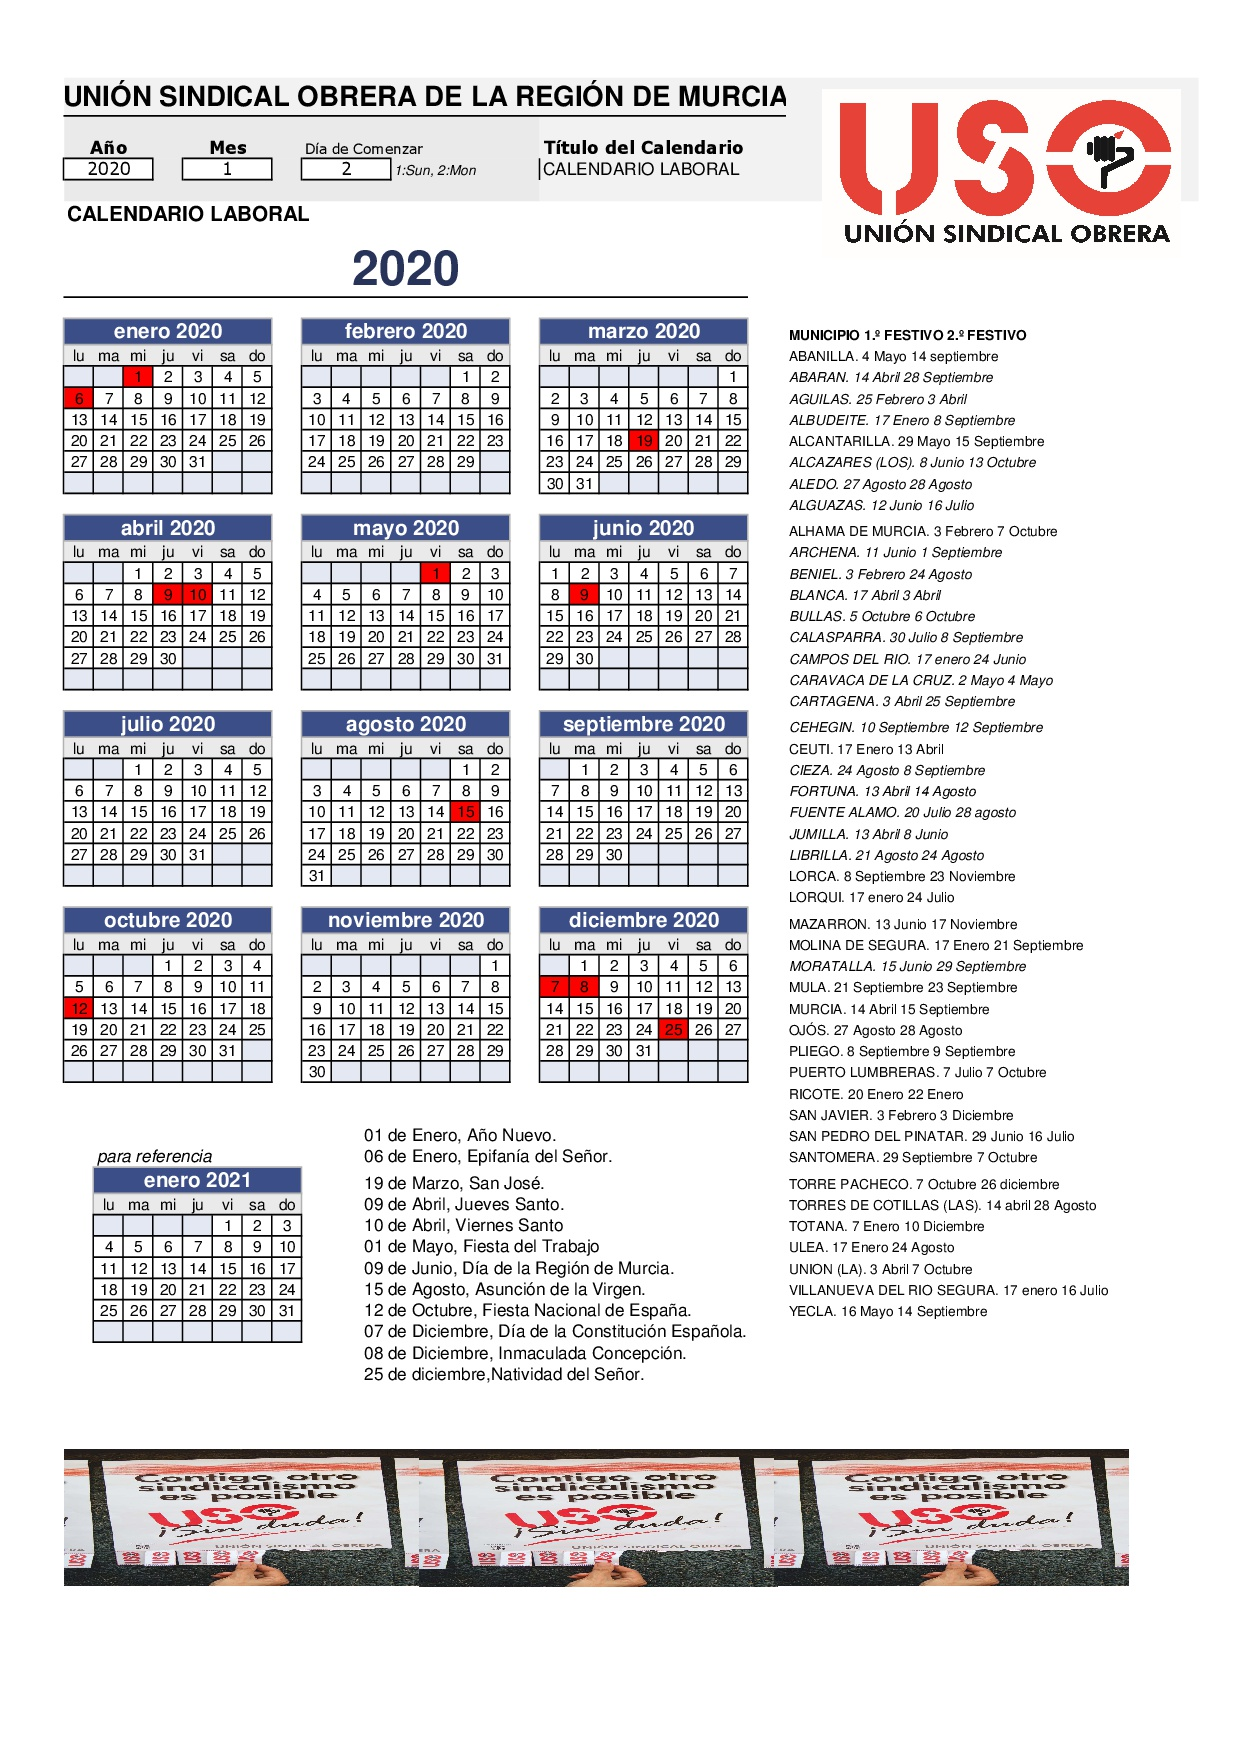 Calendario Laboral 2020.Calendario Laboral De 2020 Para Los Municipios De La Region